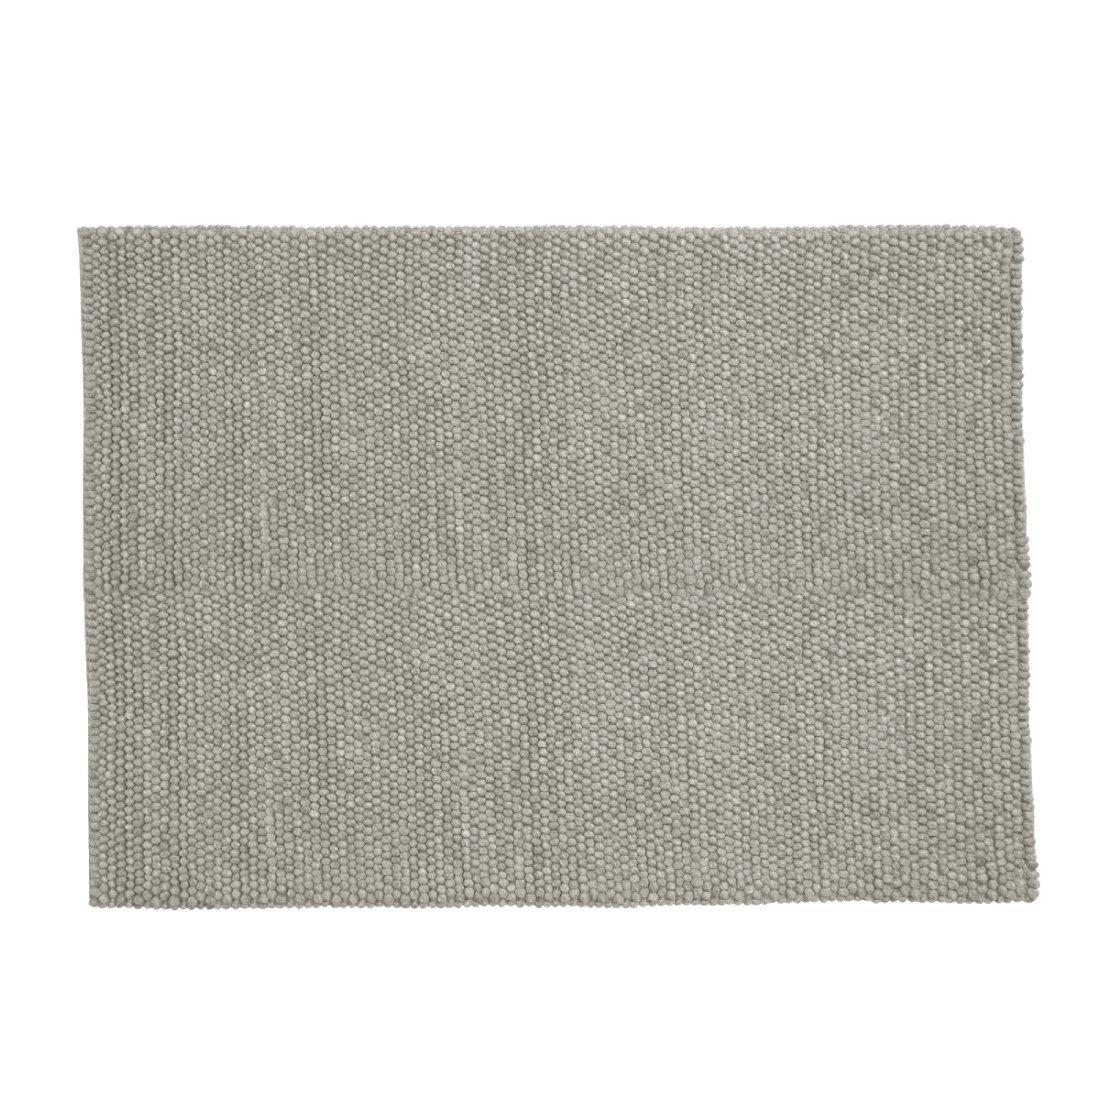 HAY Peas Karpet Vloerkleed Medium Grijs 170 x 240 cm